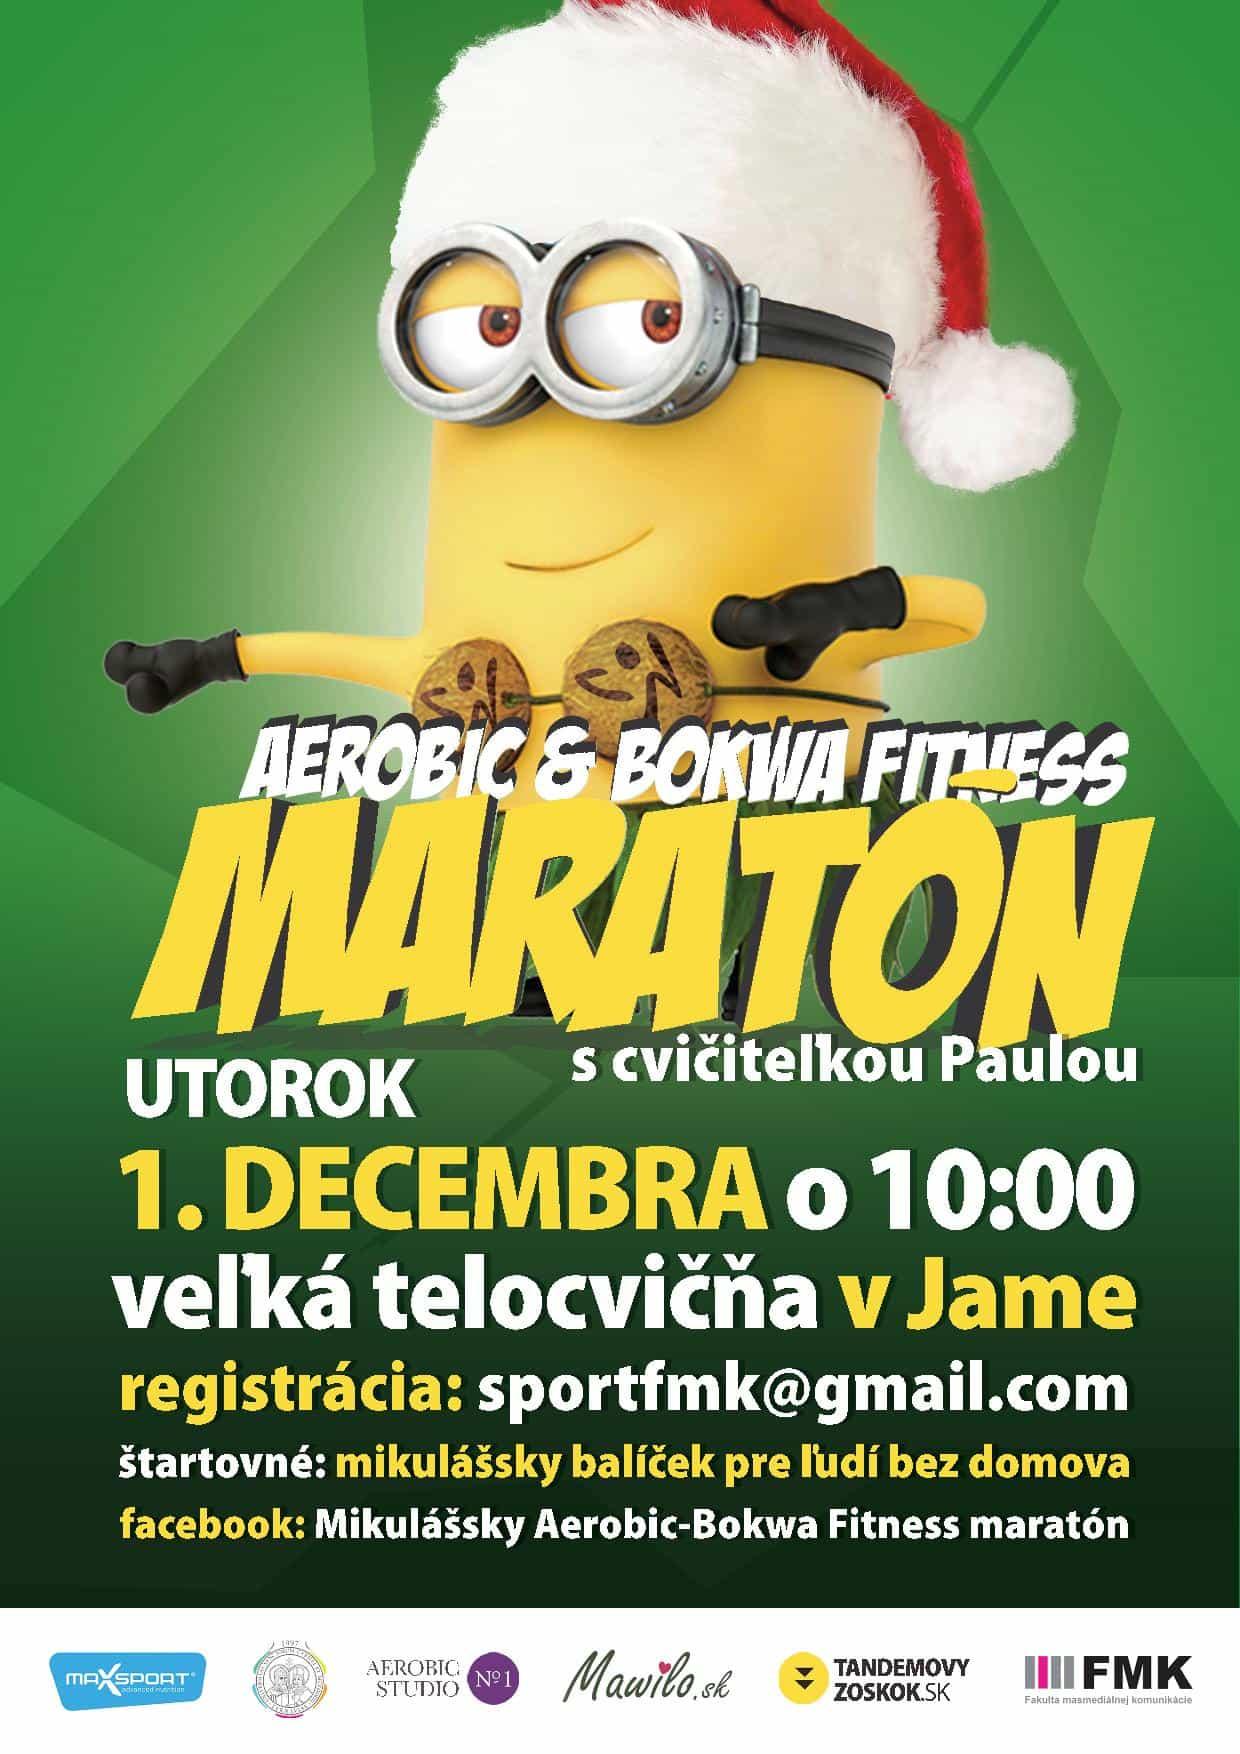 aerobic-bokwa-fitness-maraton